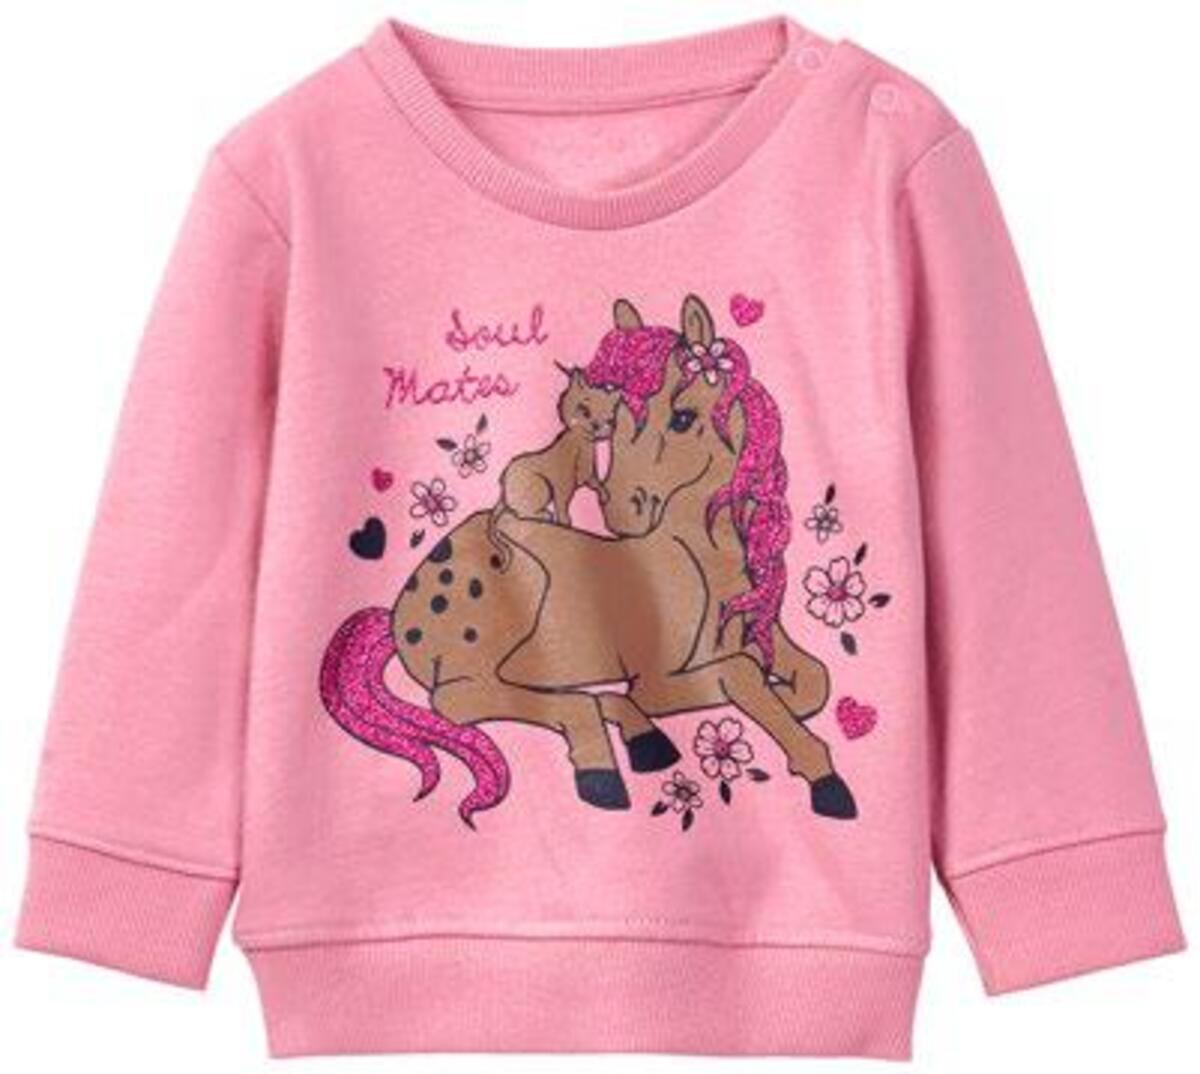 Bild 3 von Baby Sweatshirt